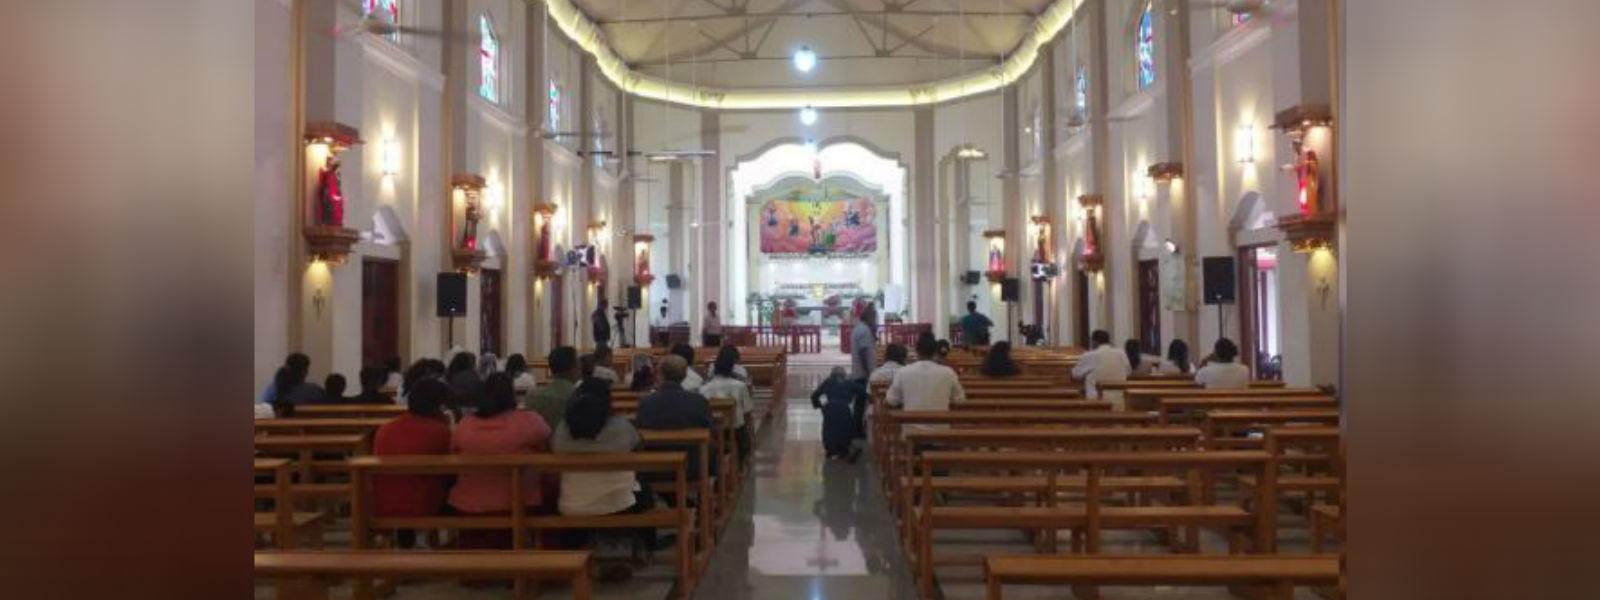 ஏப்ரல் 21 தாக்குதலின் பின்னர் கட்டுவாப்பிட்டி தேவாலயம் மீளத் திறப்பு